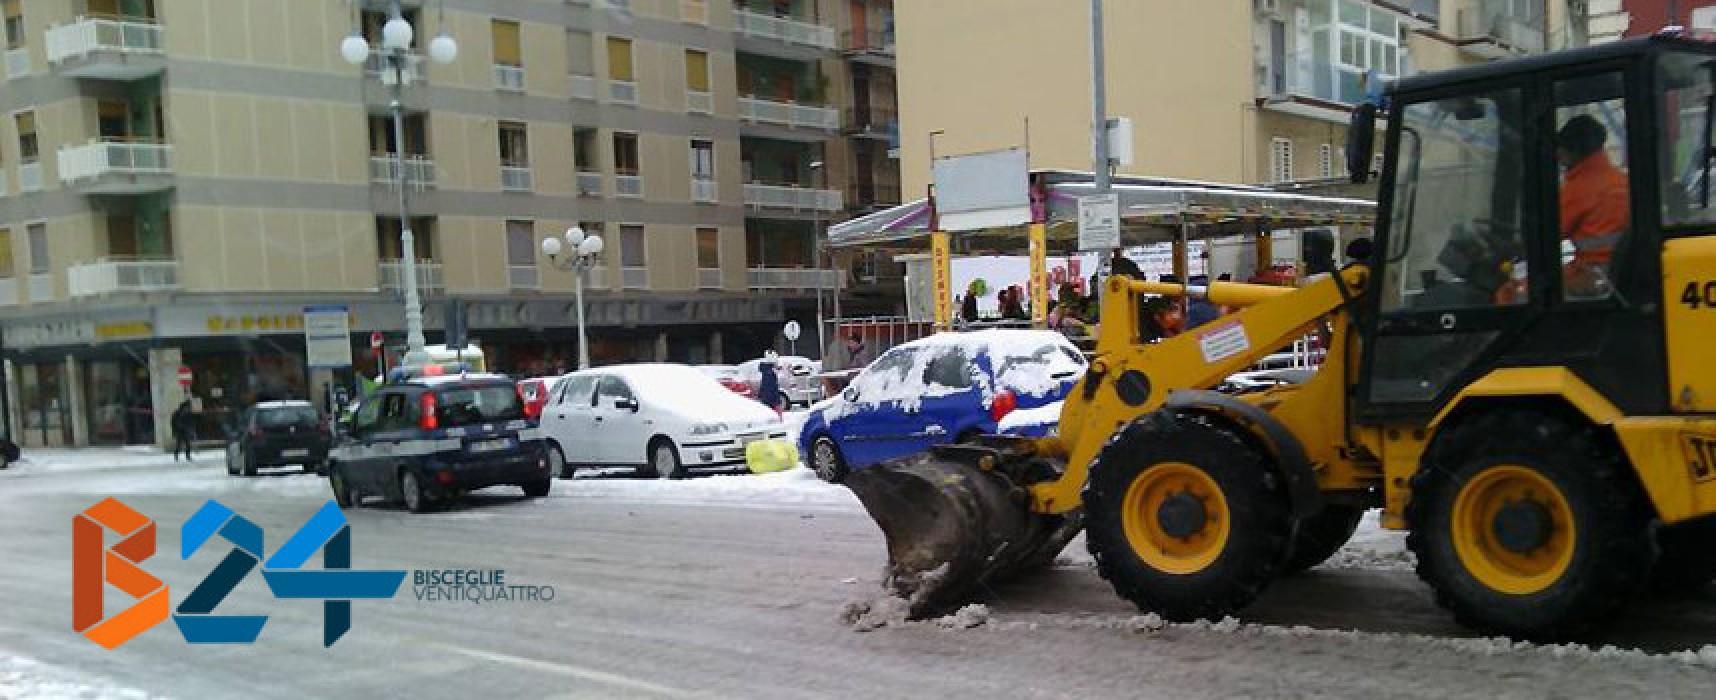 Allerta meteo, Bisceglie: acquistato sale, preallertato il servizio locale di protezione civile